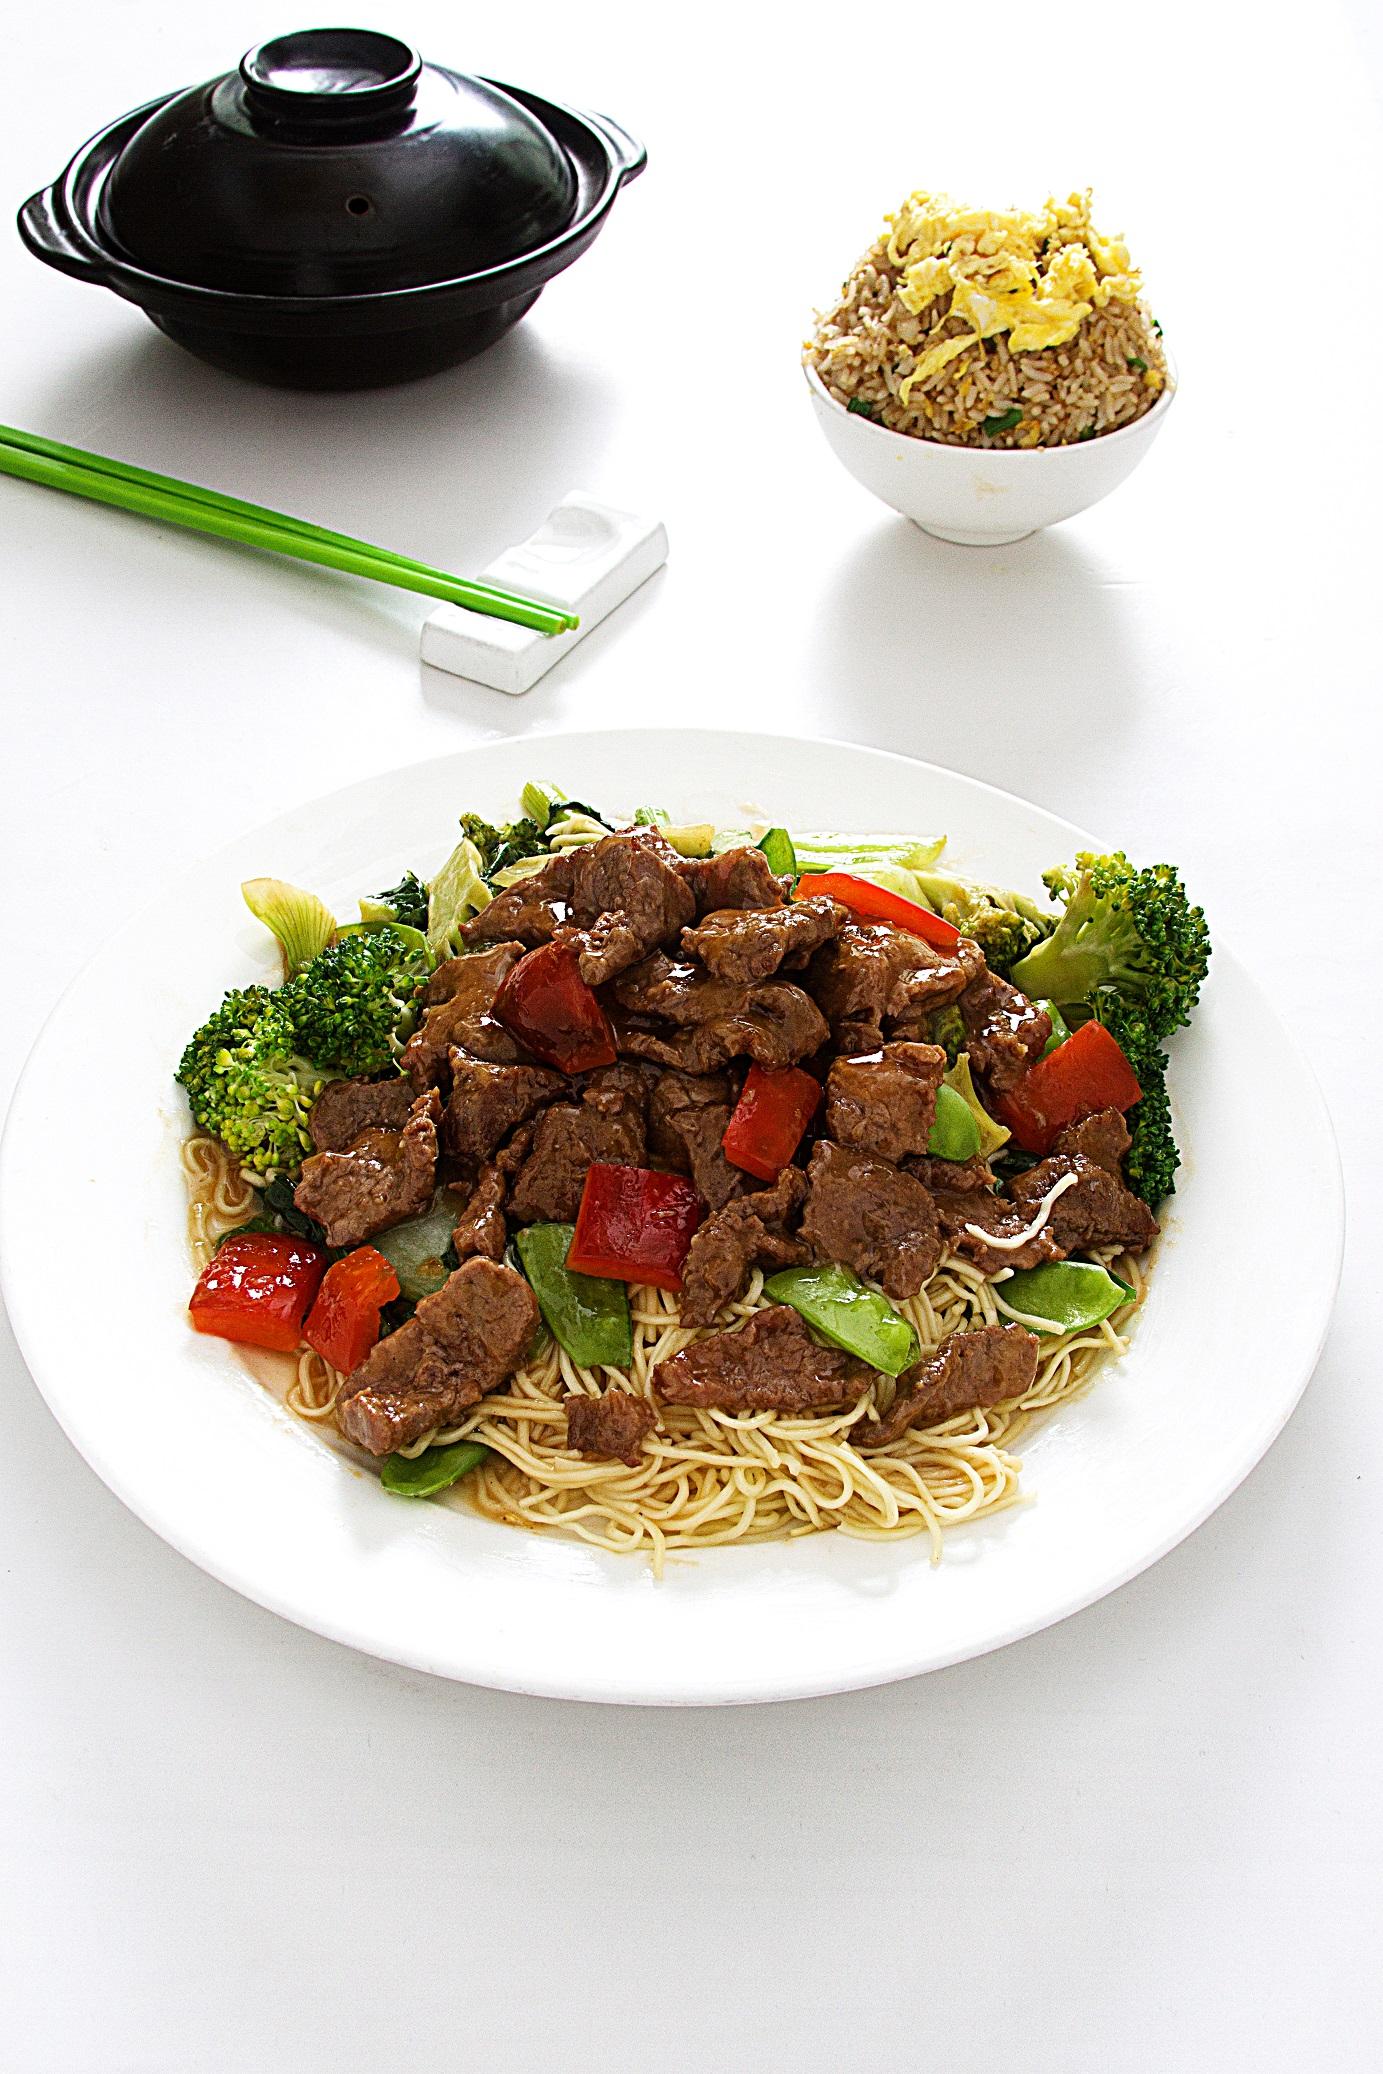 Tallarin con carne de res acompañado de verduras salteadas.